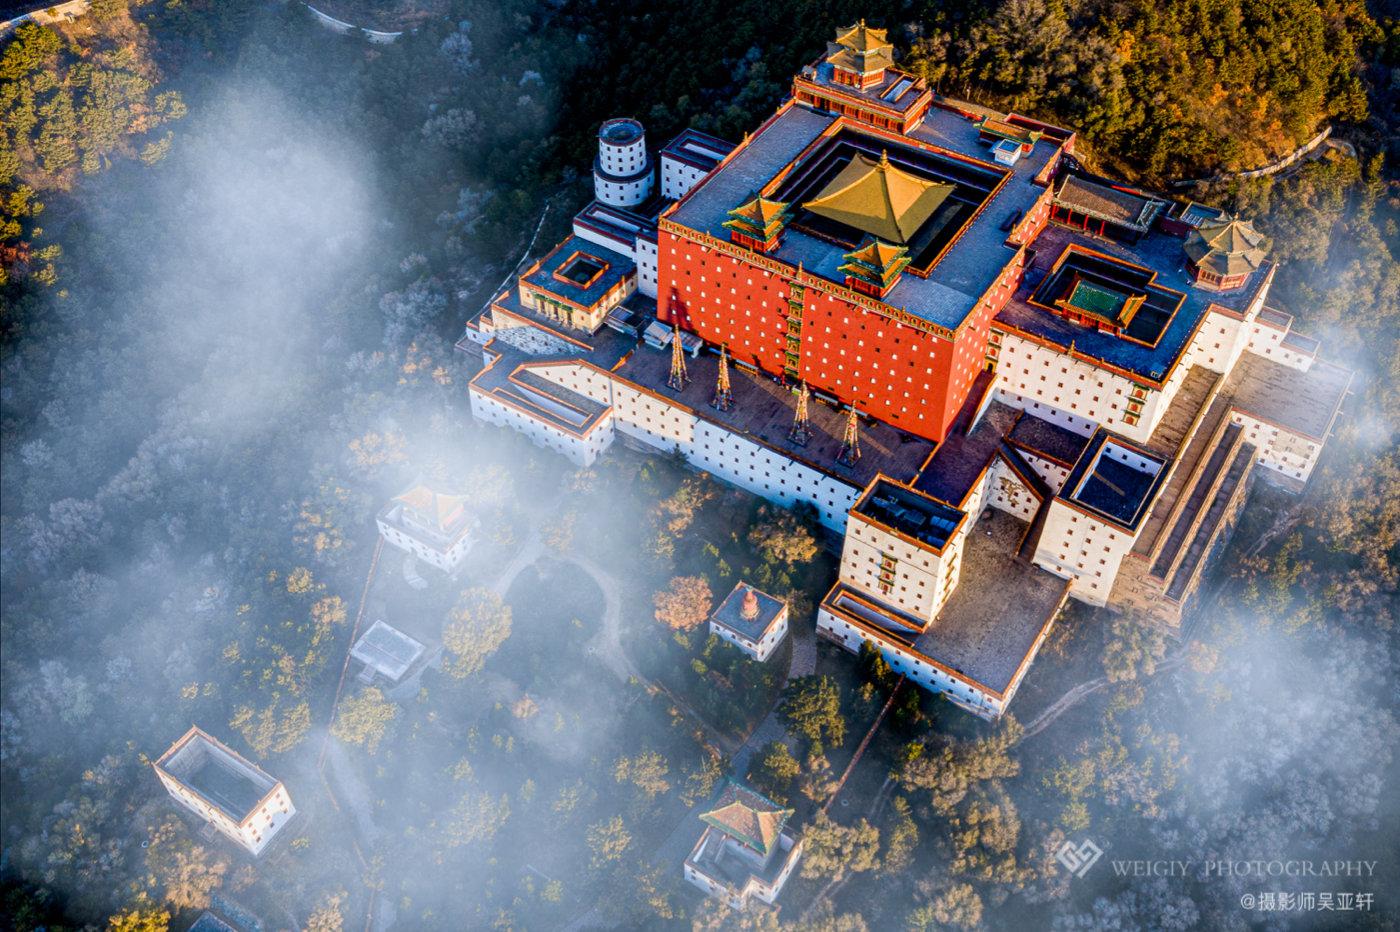 《雾漫圣殿》——10.22 河北普陀宗乘之庙